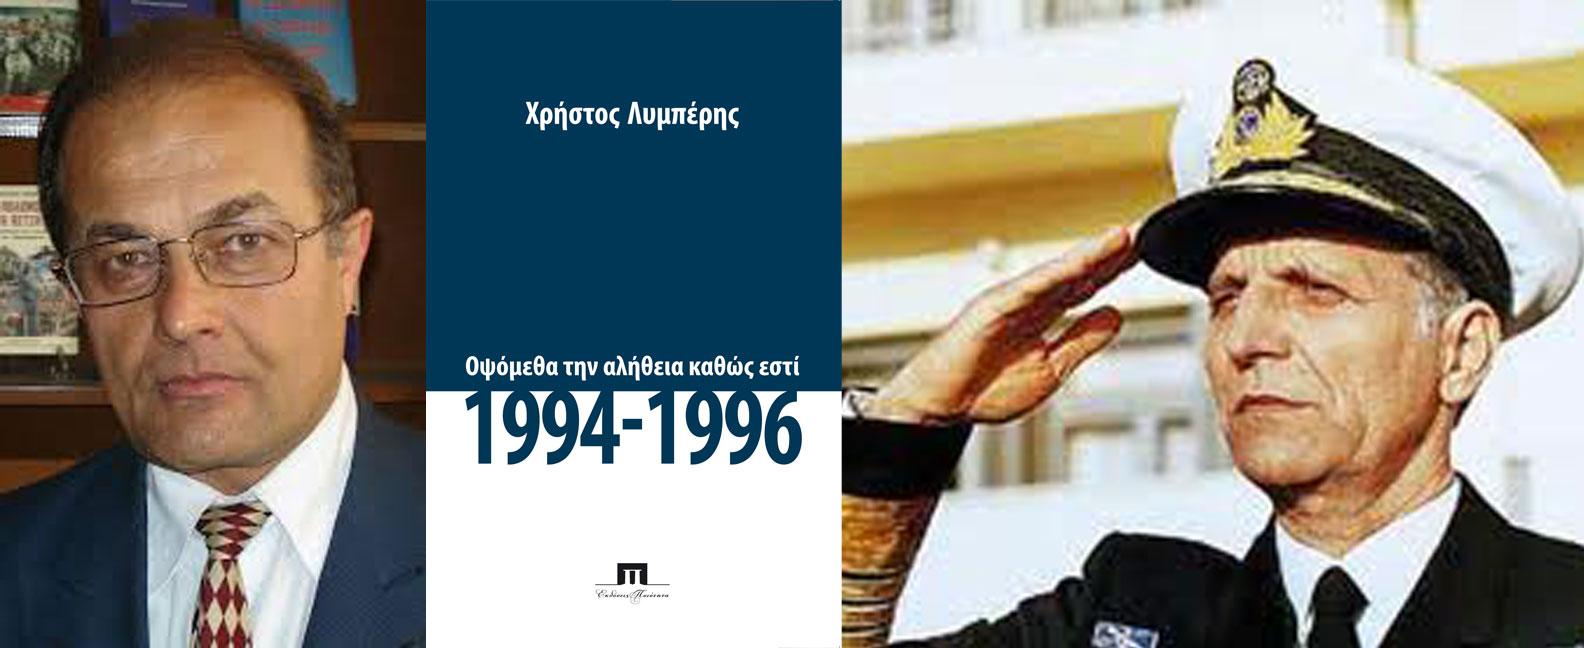 Συνομιλία με τον Ναύαρχο Λυμπέρη, επίτιμο ΑΓΕΕΘΑ για το βιβλίο του Οψόμεθα την αλήθεια καθώς εστί, 1994-1996, Εκδόσεις Ποιότητα